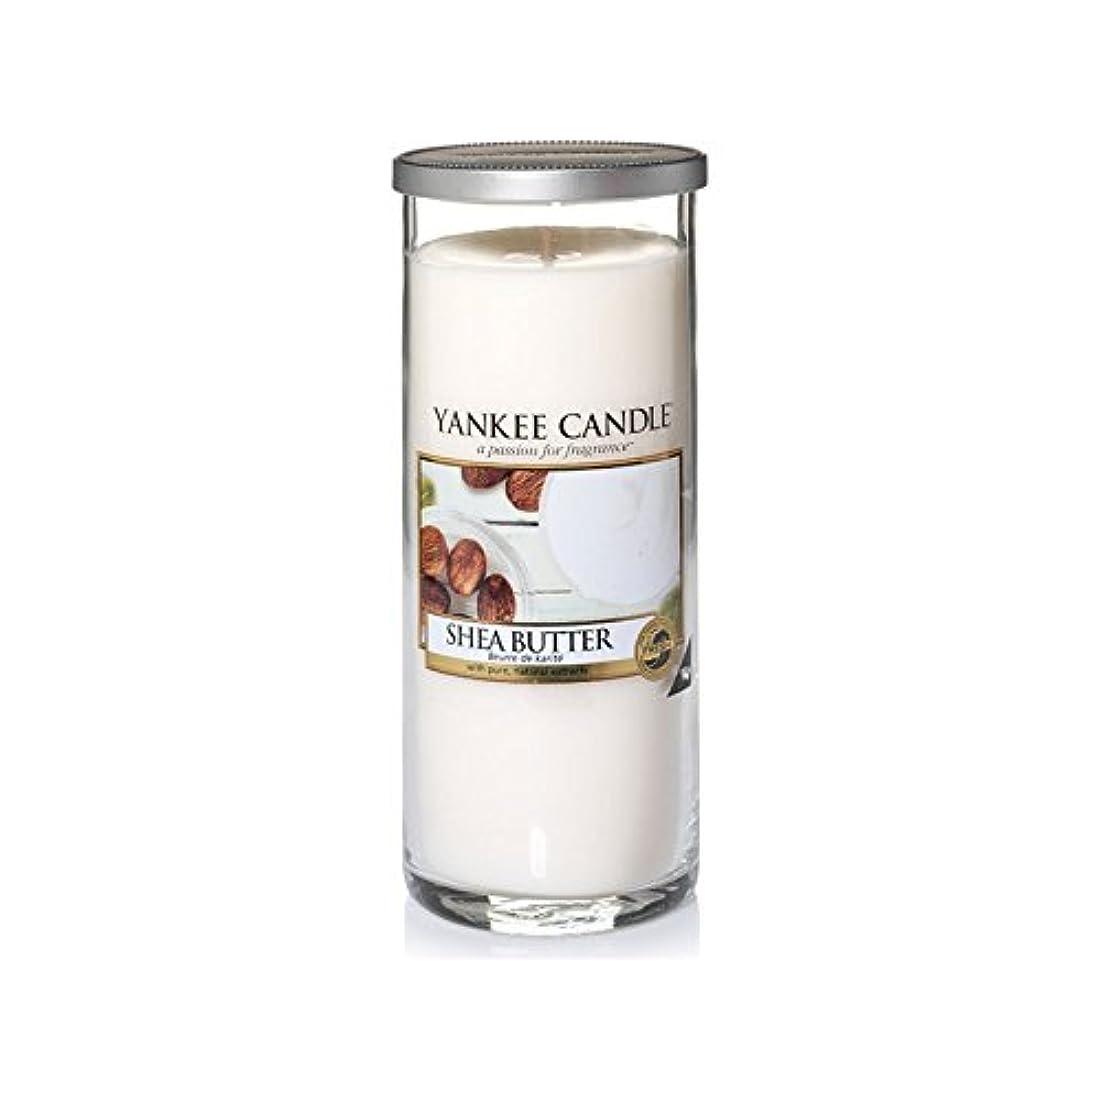 住居法廷生き残りYankee Candles Large Pillar Candle - Shea Butter (Pack of 2) - ヤンキーキャンドル大きな柱キャンドル - シアバター (x2) [並行輸入品]